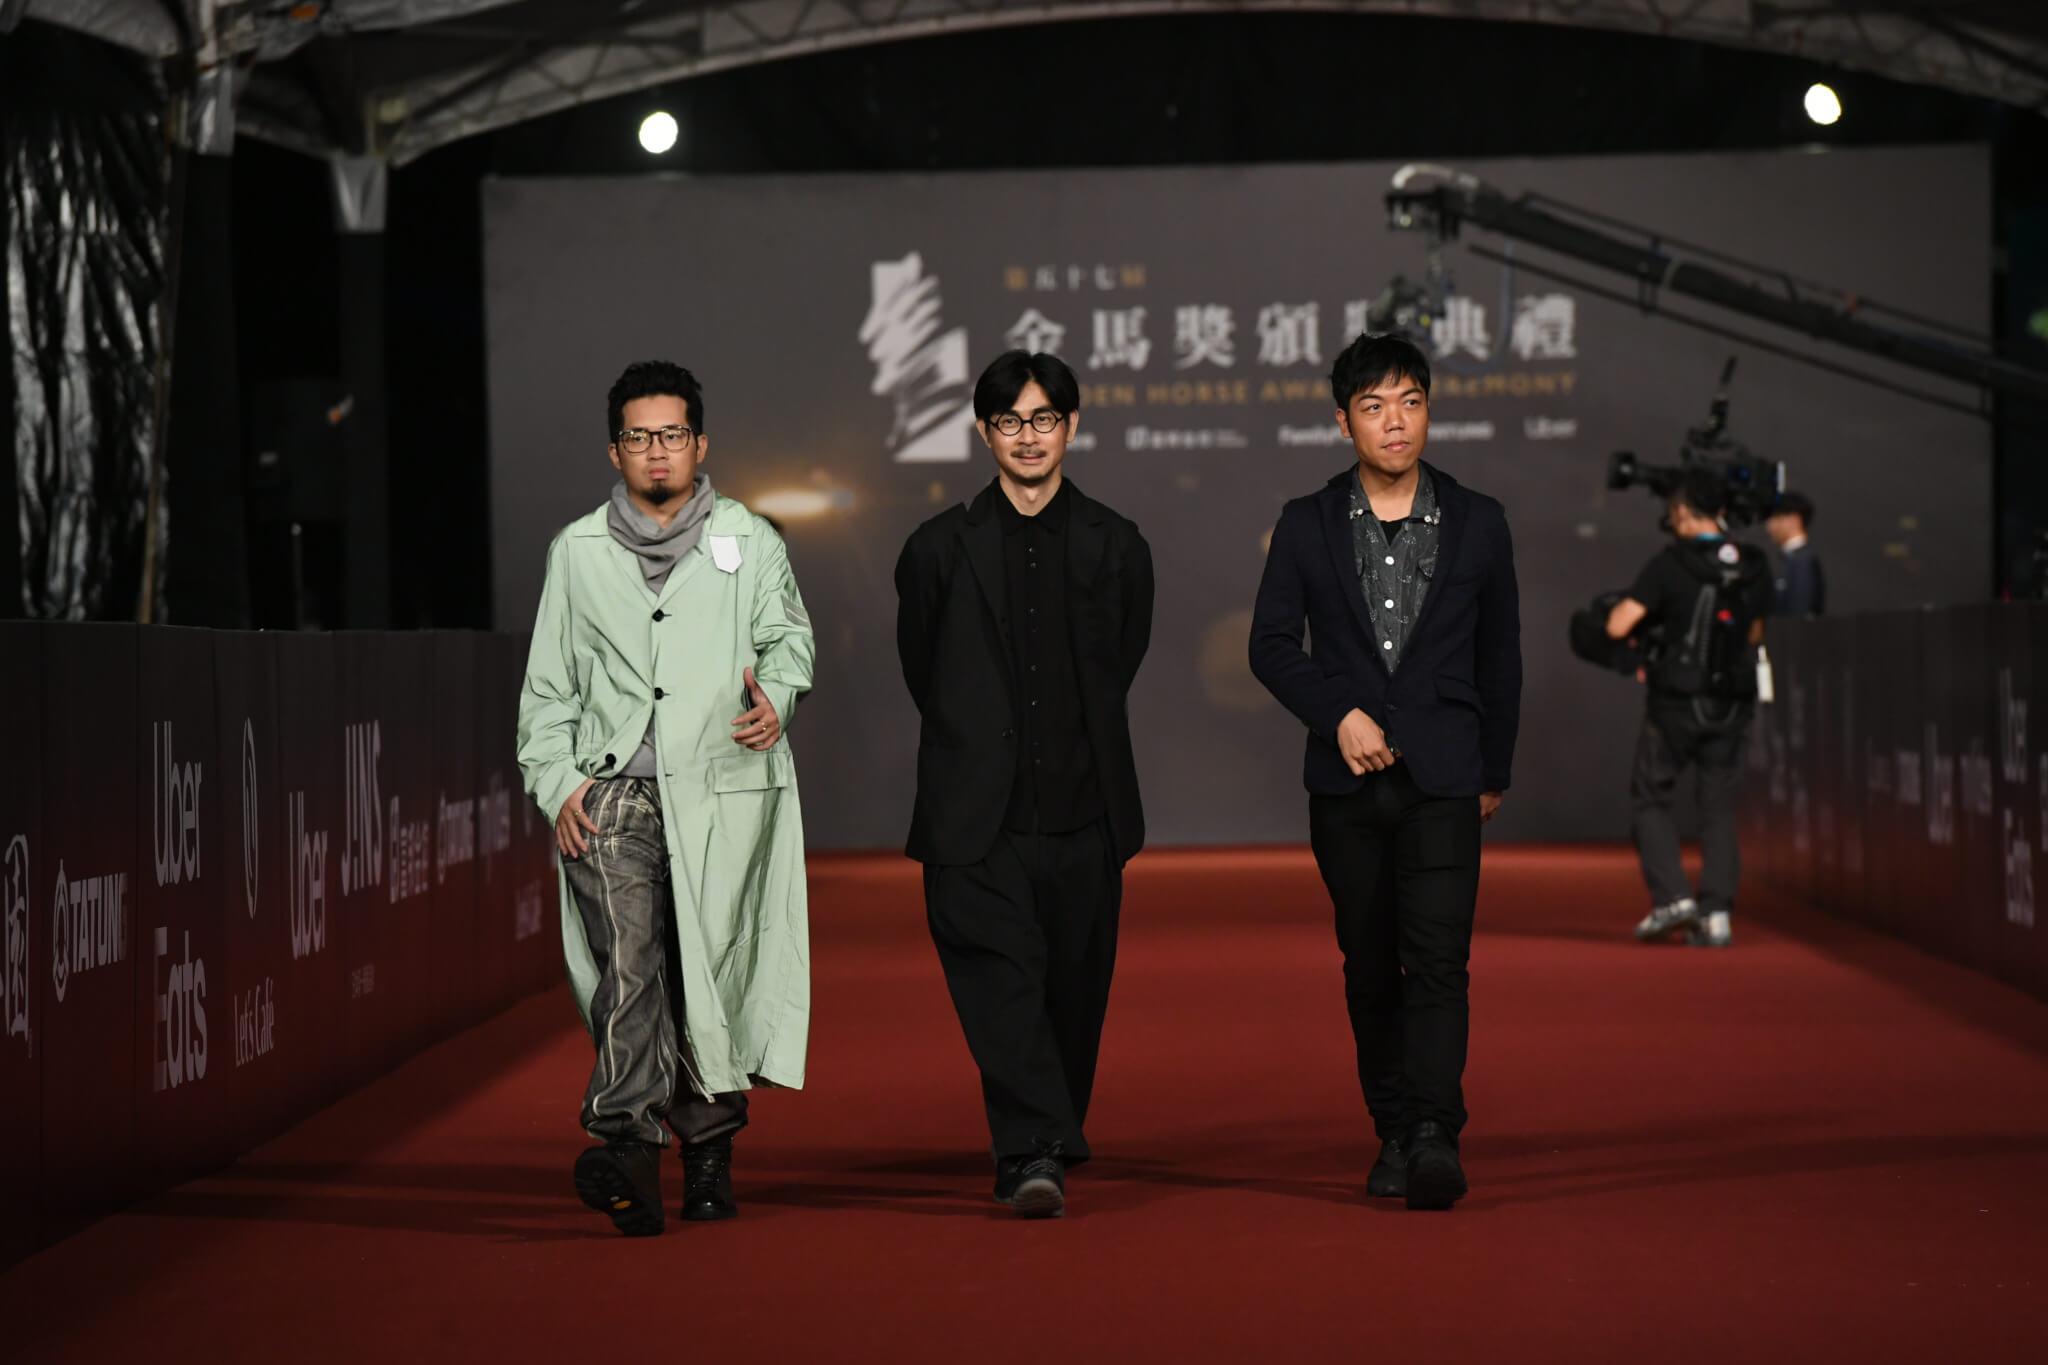 《狂舞派3》主題曲入選第五十七屆金馬獎最佳原創電影歌曲,Heyo伙同拍檔阿弗及導演黃修平出席頒獎禮。(金馬執委會提供)